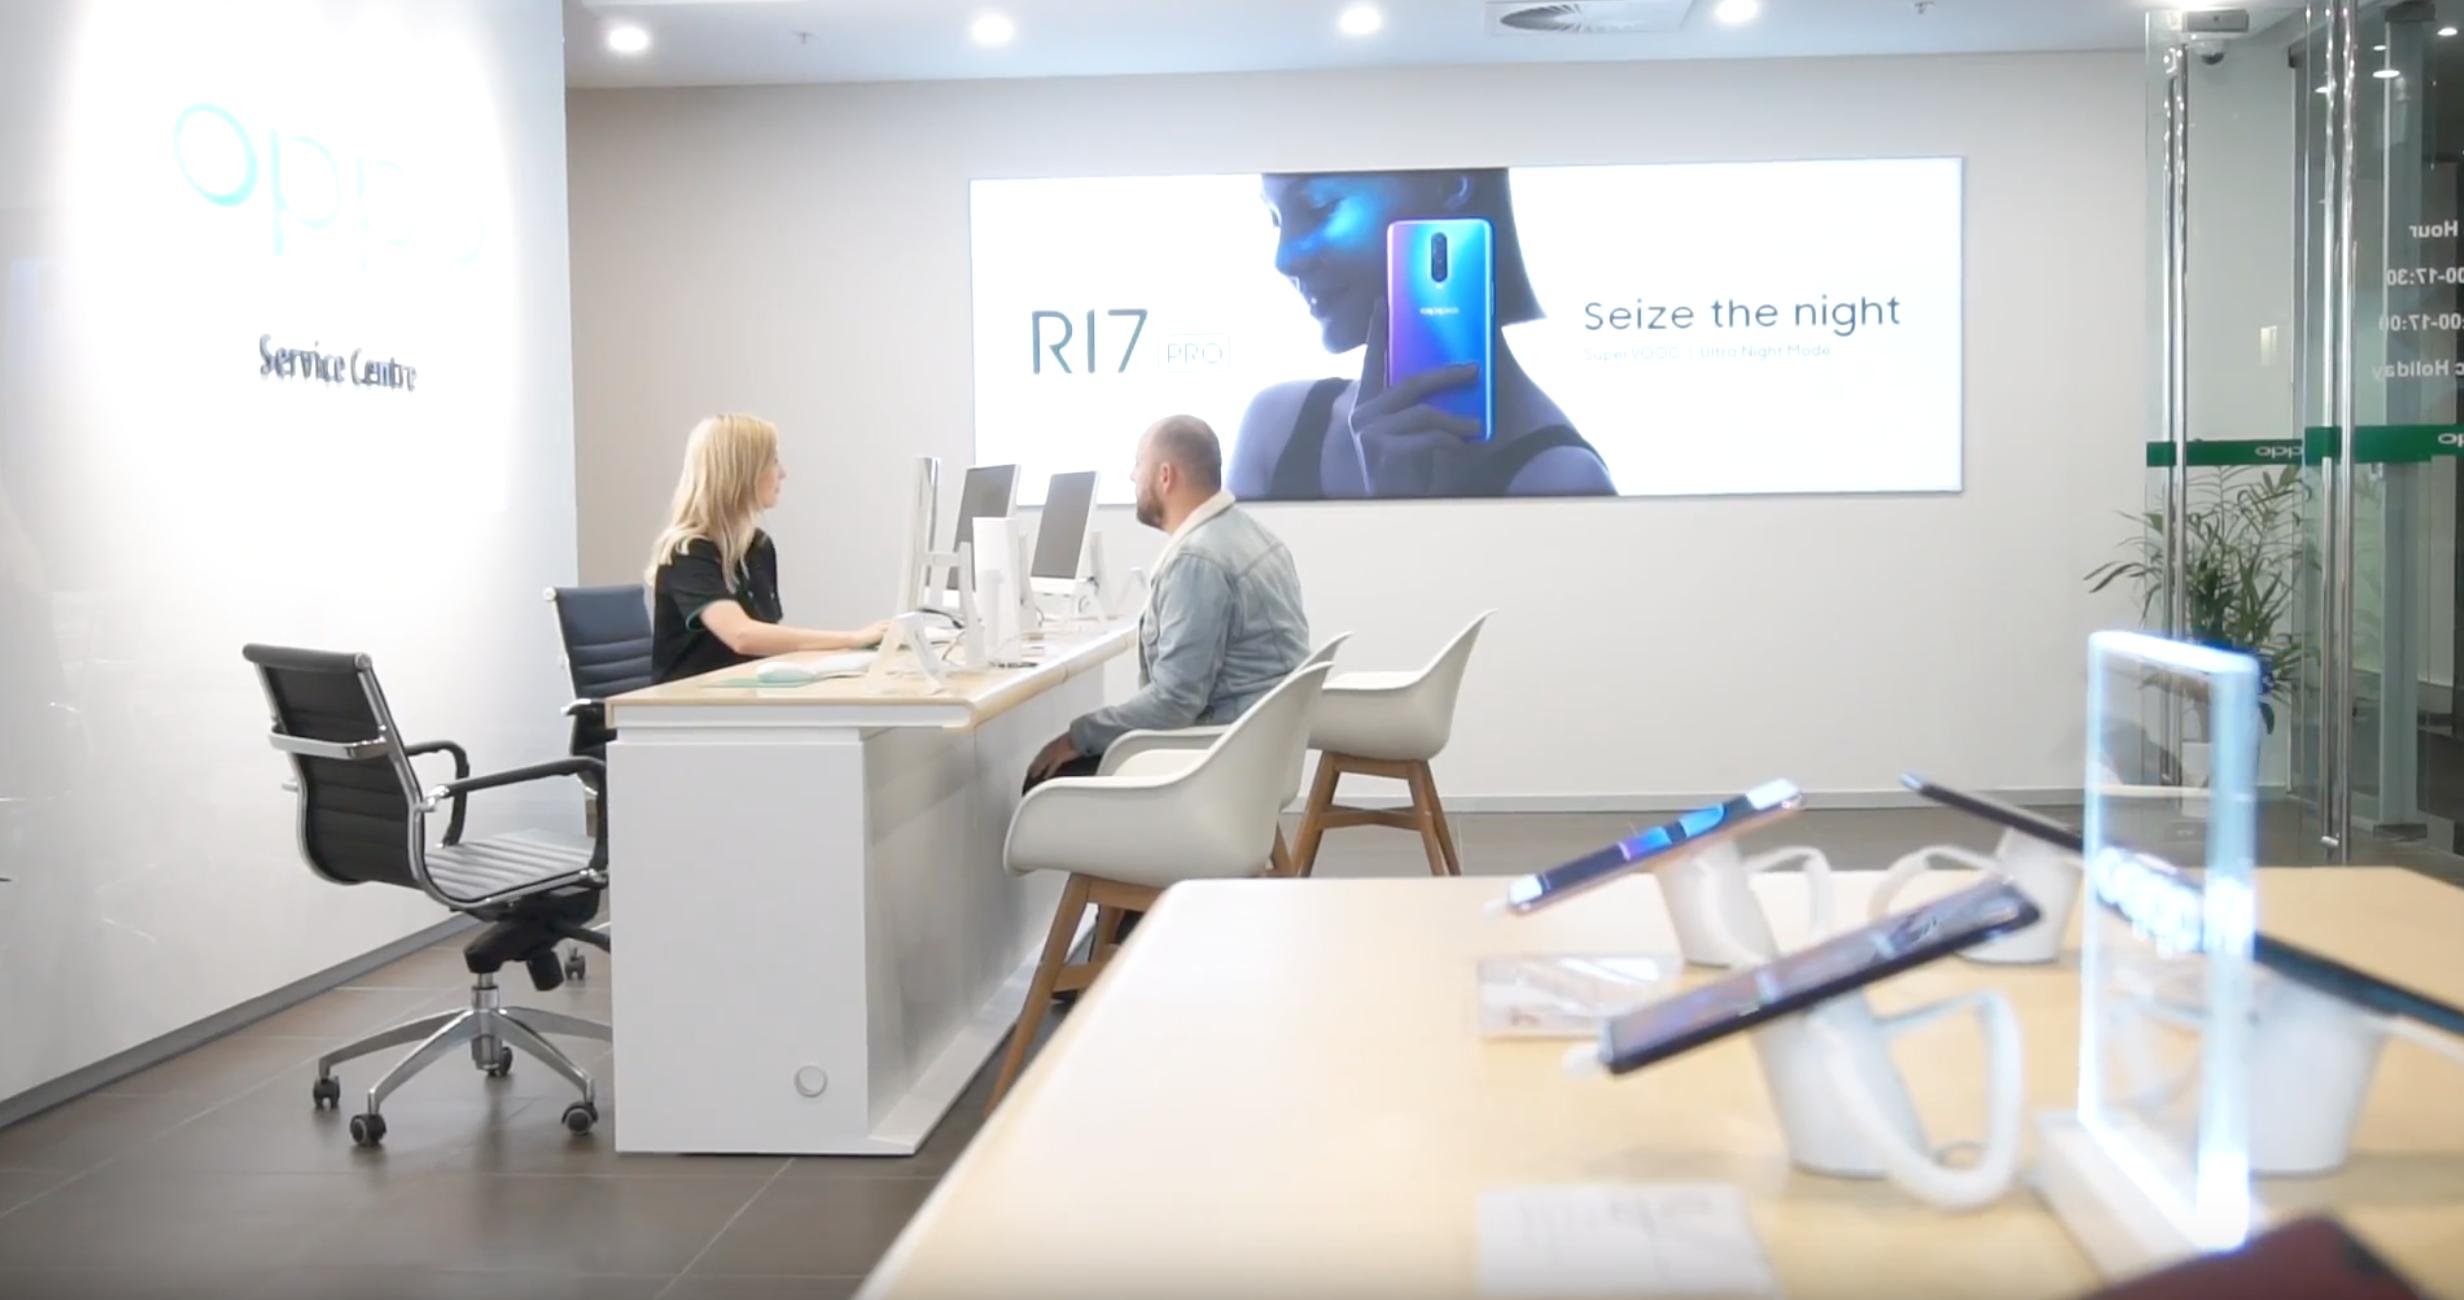 传OPPO在澳大利亚墨尔本开设全新客户服务中心